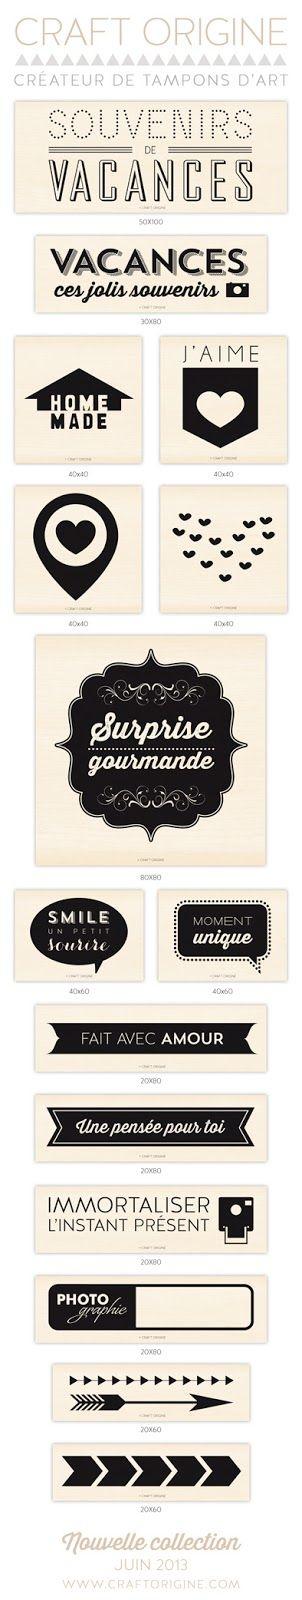 love those Craft Origine stamps! @Virginia Kraljevic Kraljevic Kraljevic Kraljevic Craft Origine